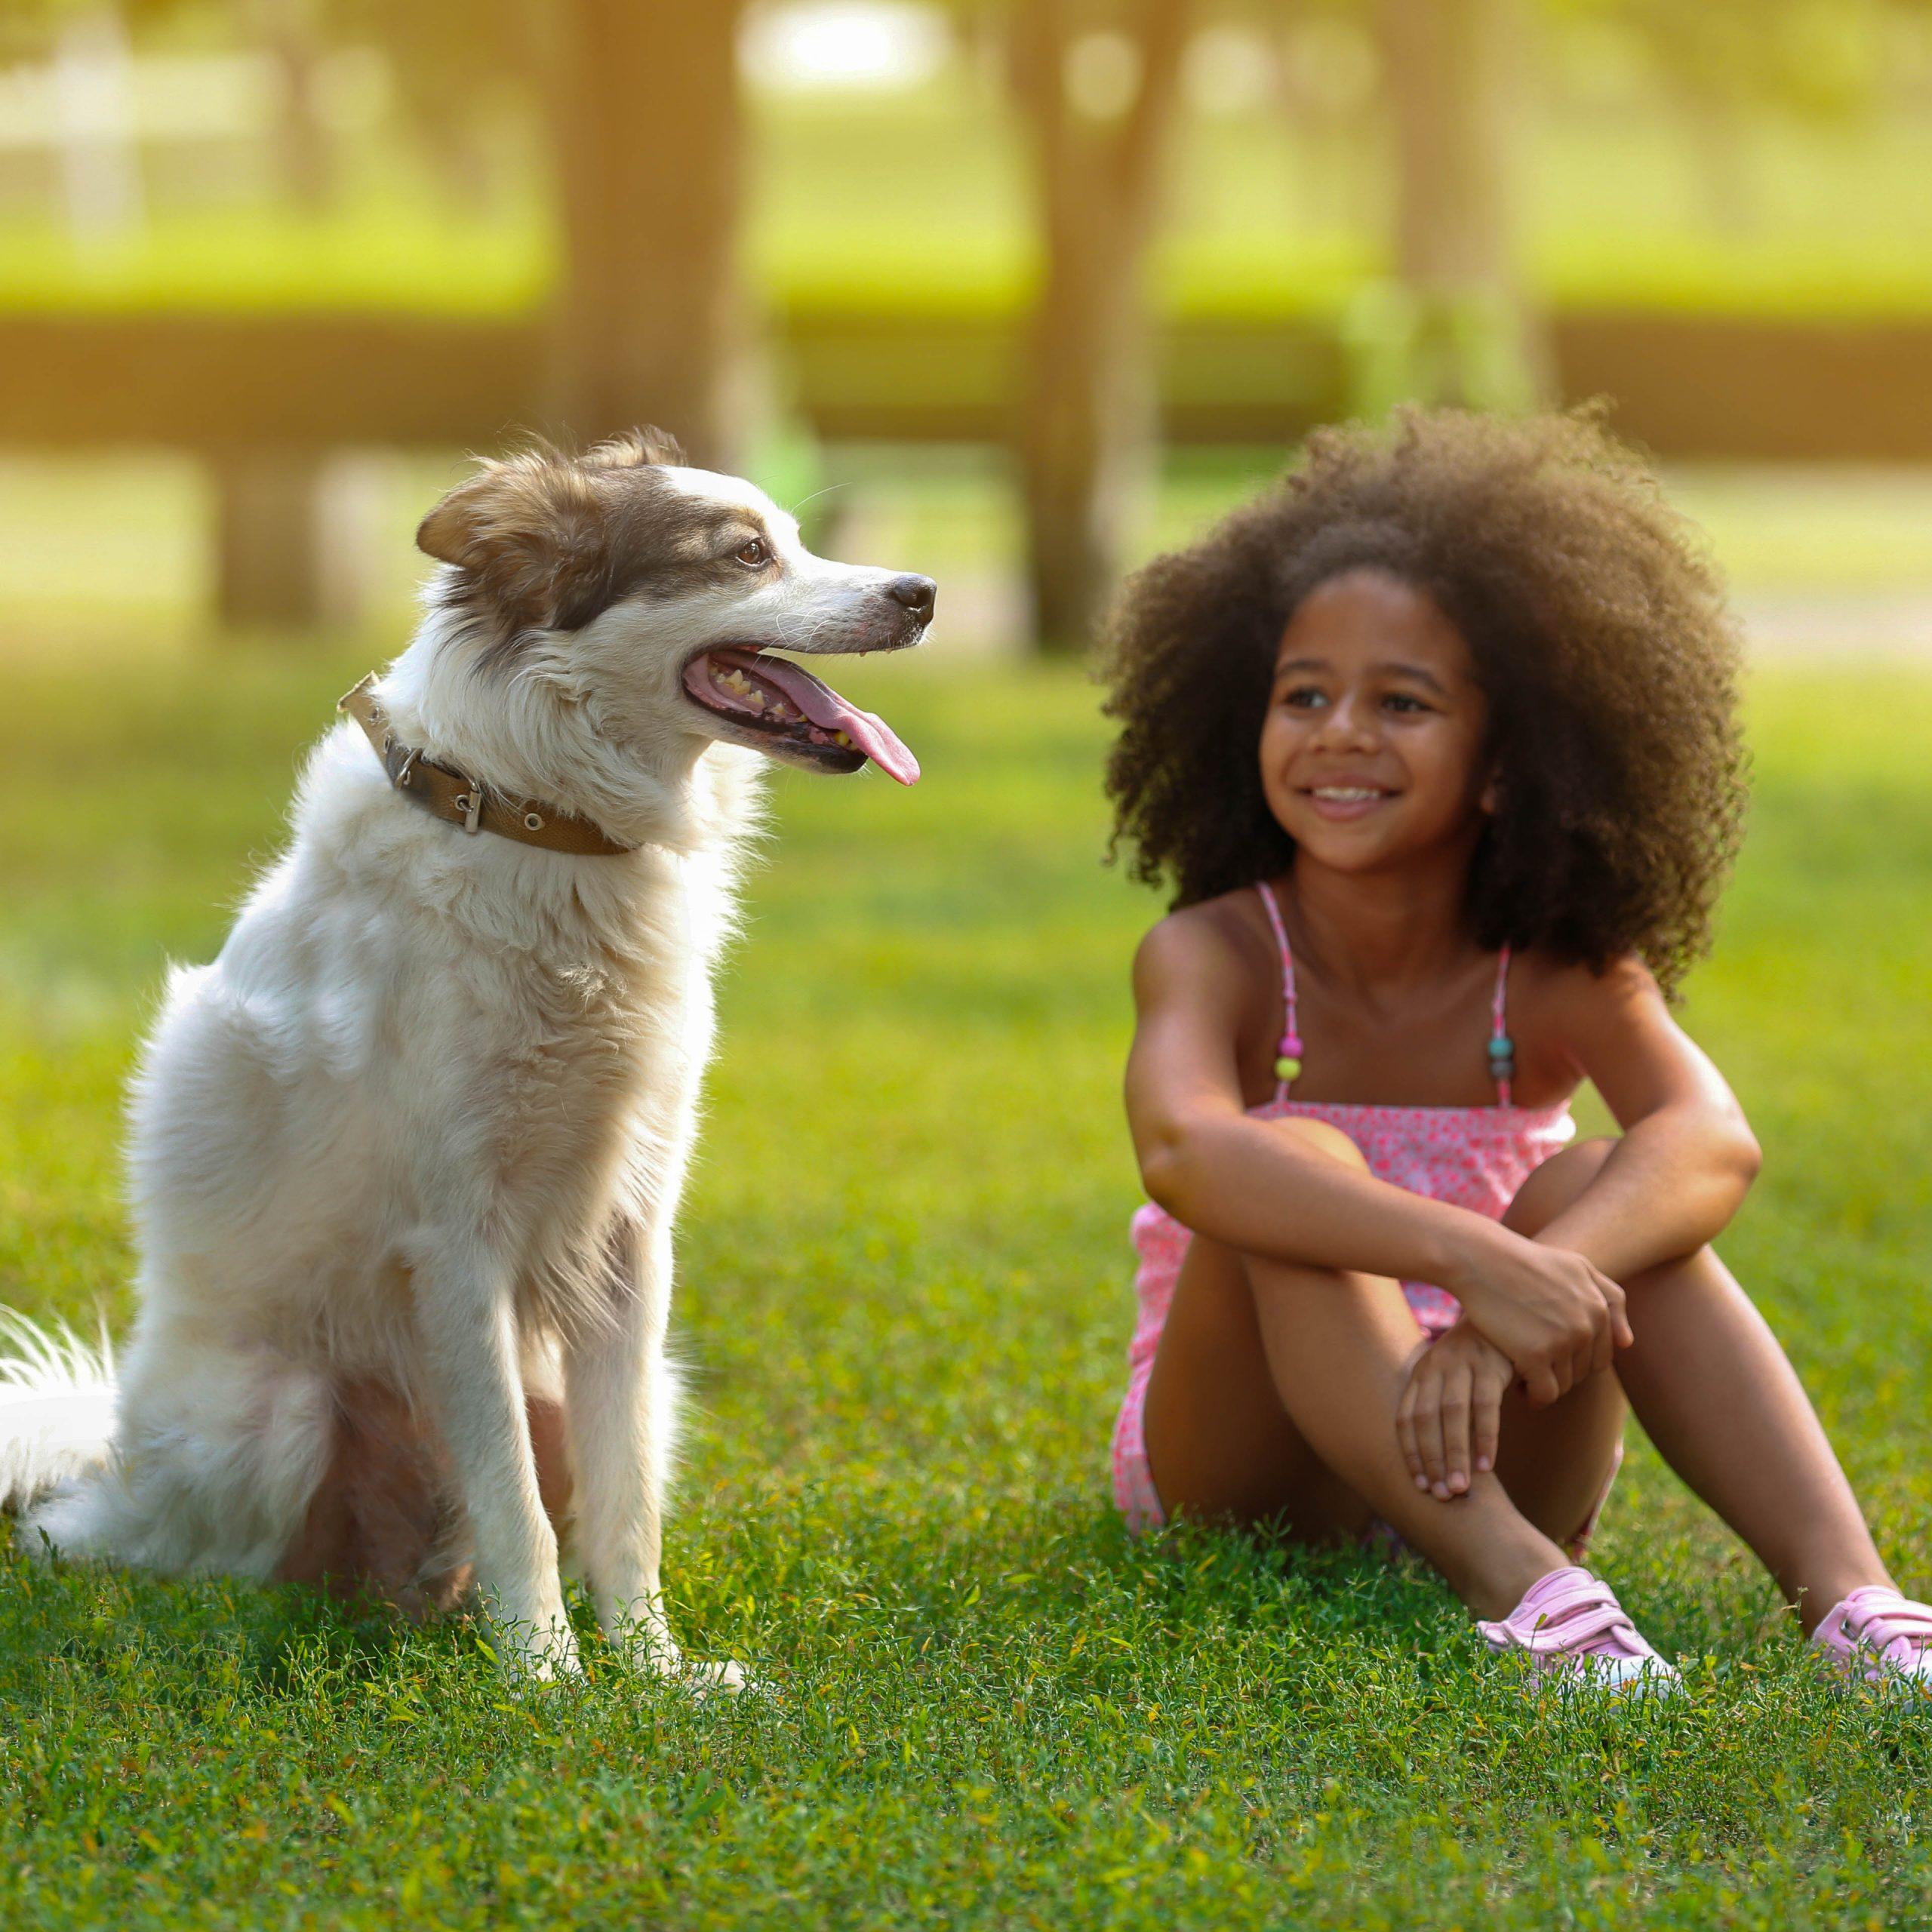 Ein Mädchen sitzt auf einer Wiese und strahlt den Hund an, der neben ihr sitzt